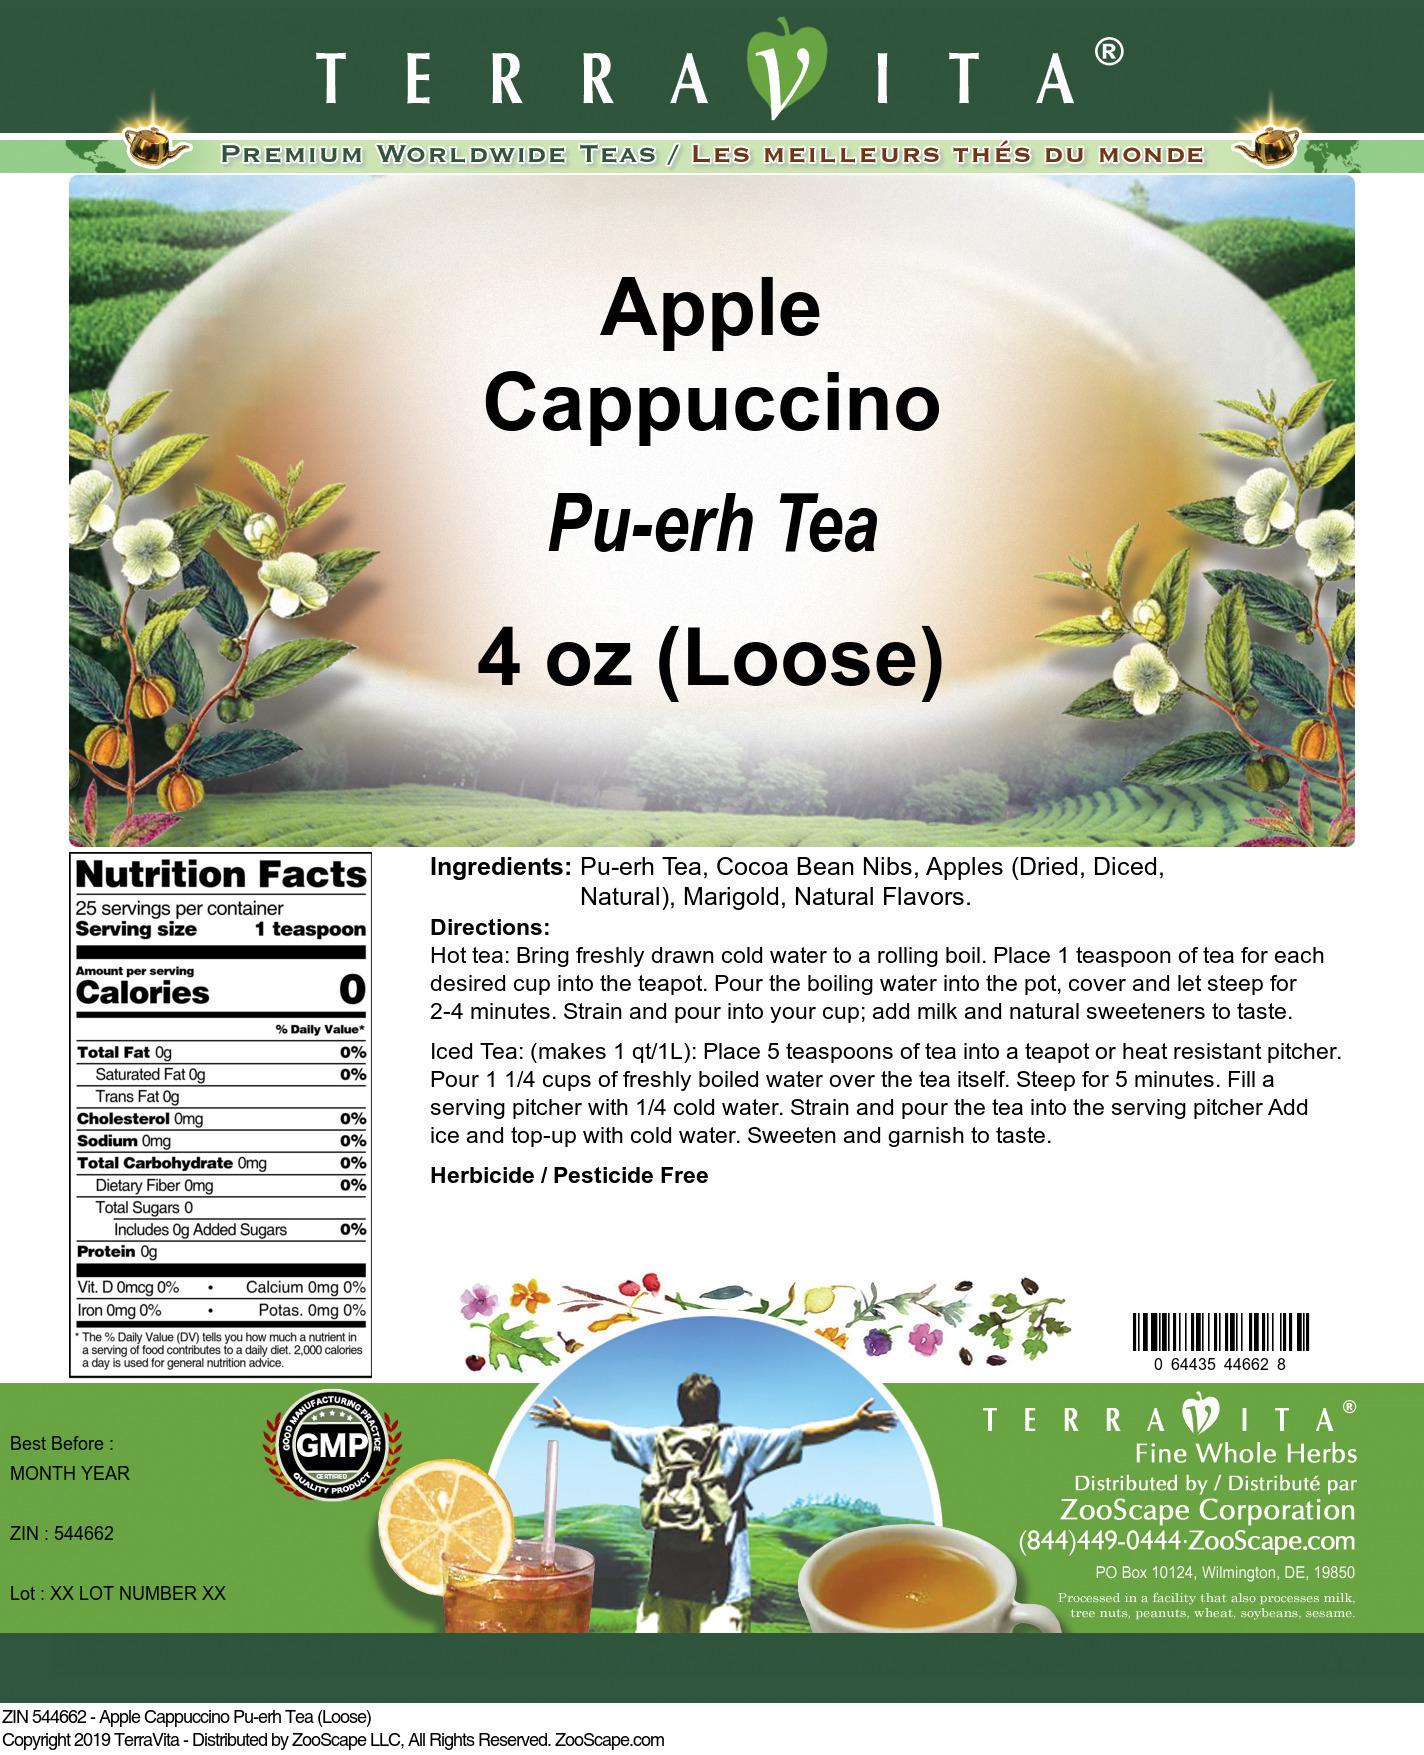 Apple Cappuccino Pu-erh Tea